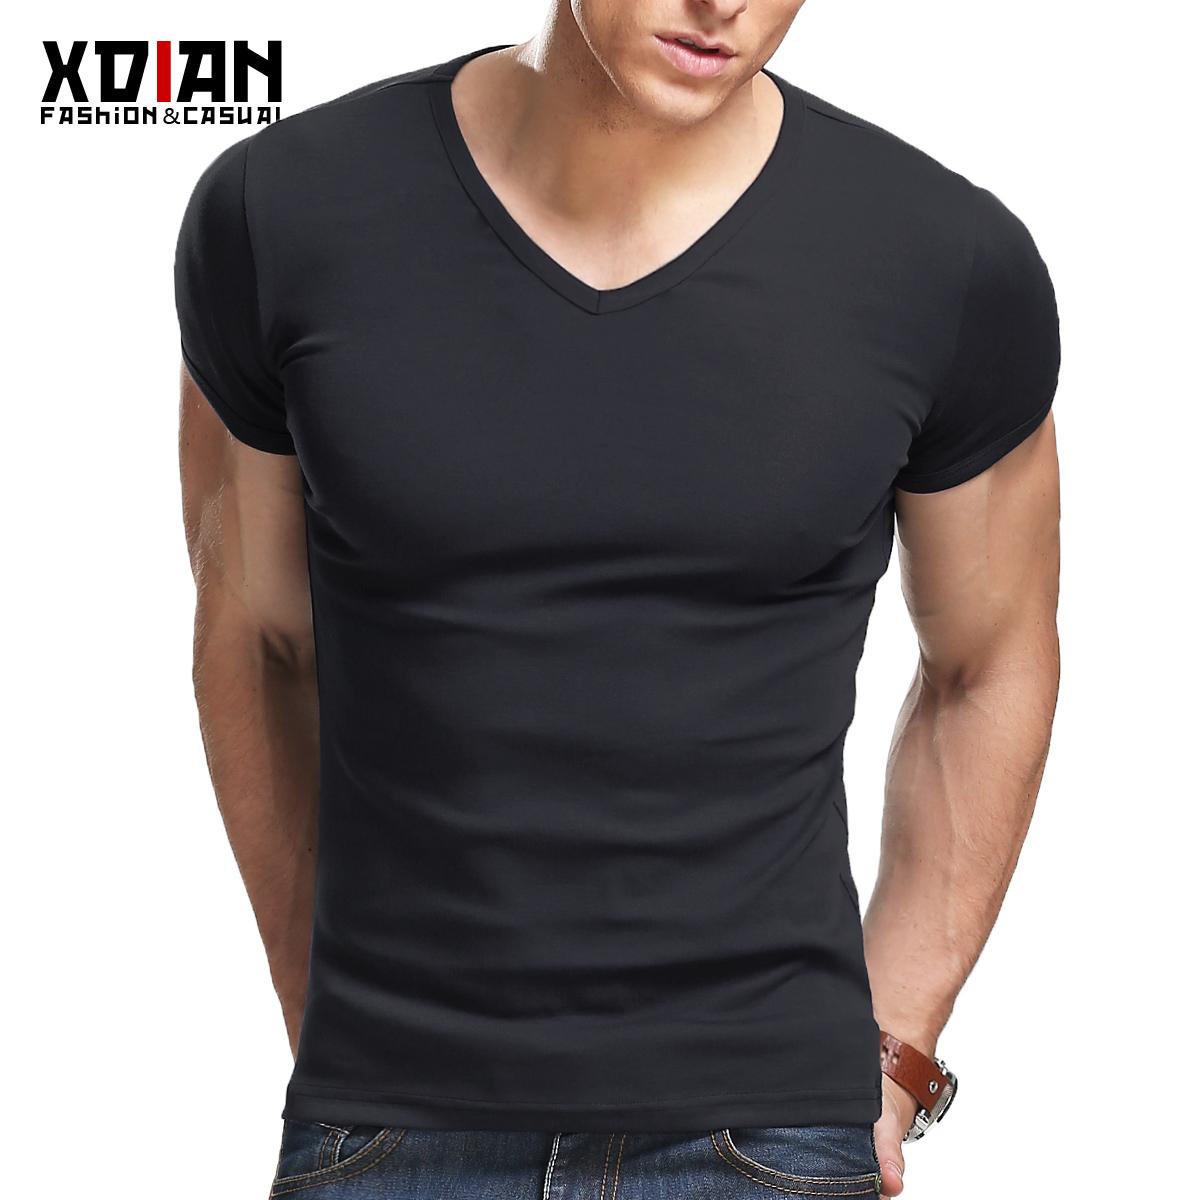 包邮 续点 男士短袖t恤 男 修身 紧身运动健身t恤男夏汗衫打底衫